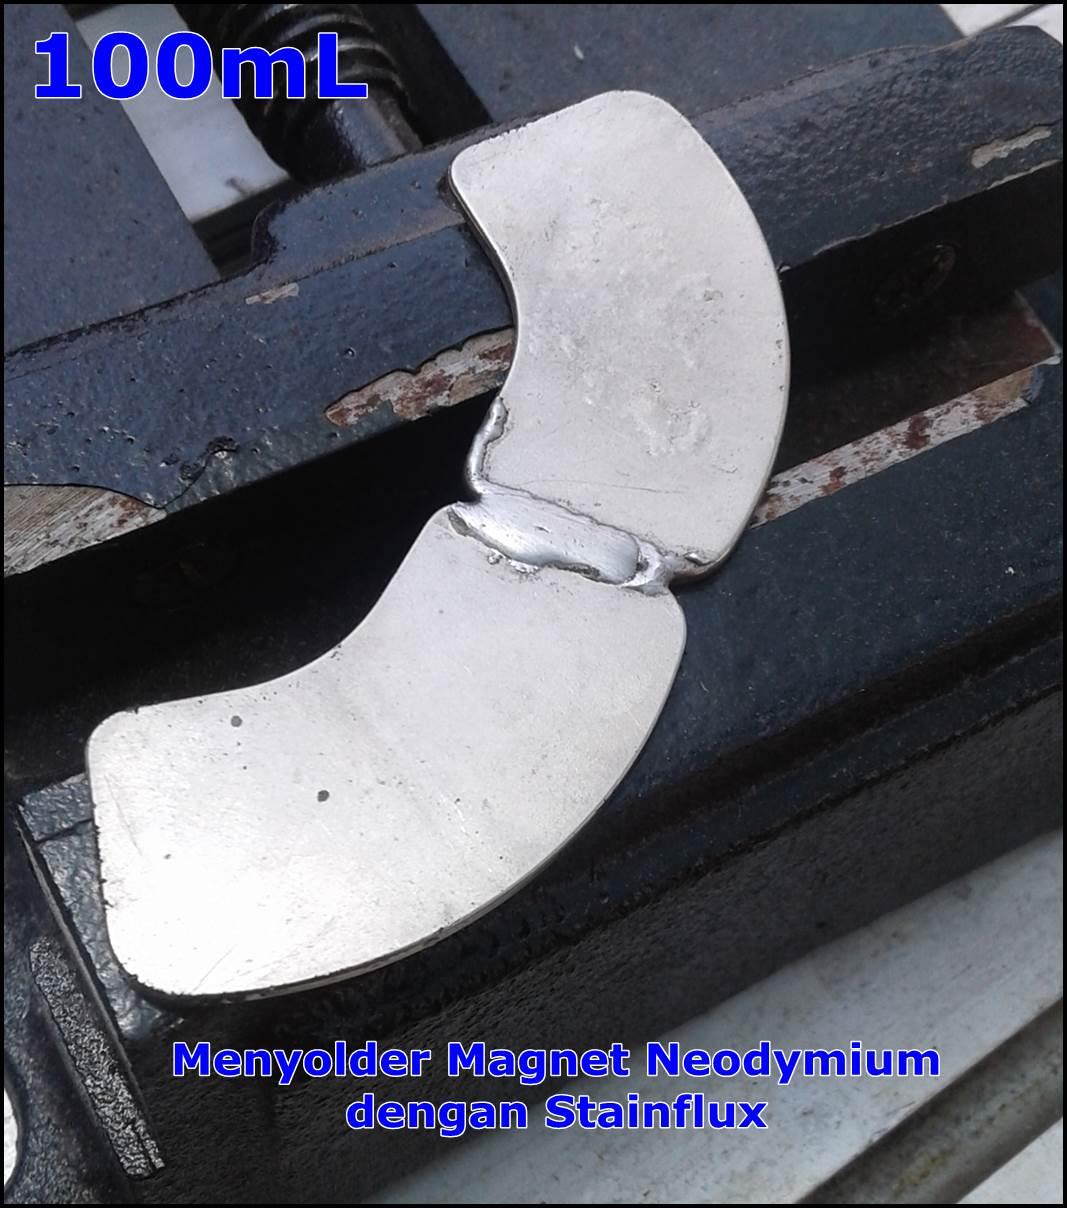 Menyolder Magnet Neodymium